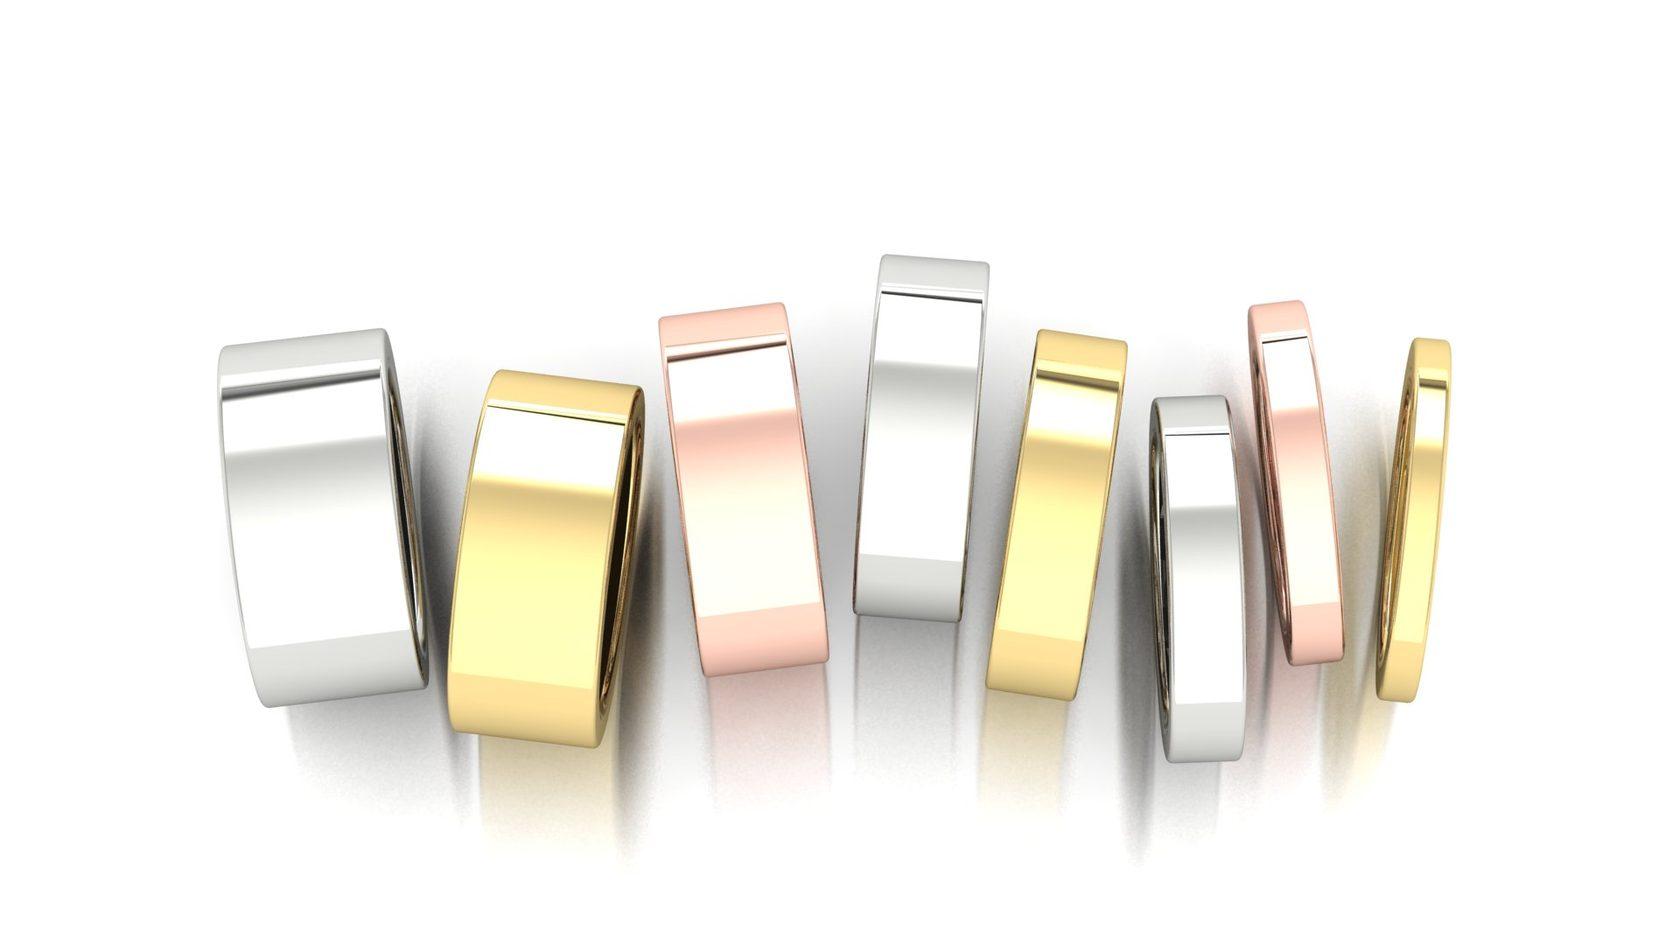 Классческие обручальные кольца от узких до широких моделей колец ювелирная студия Виктора Шадрина